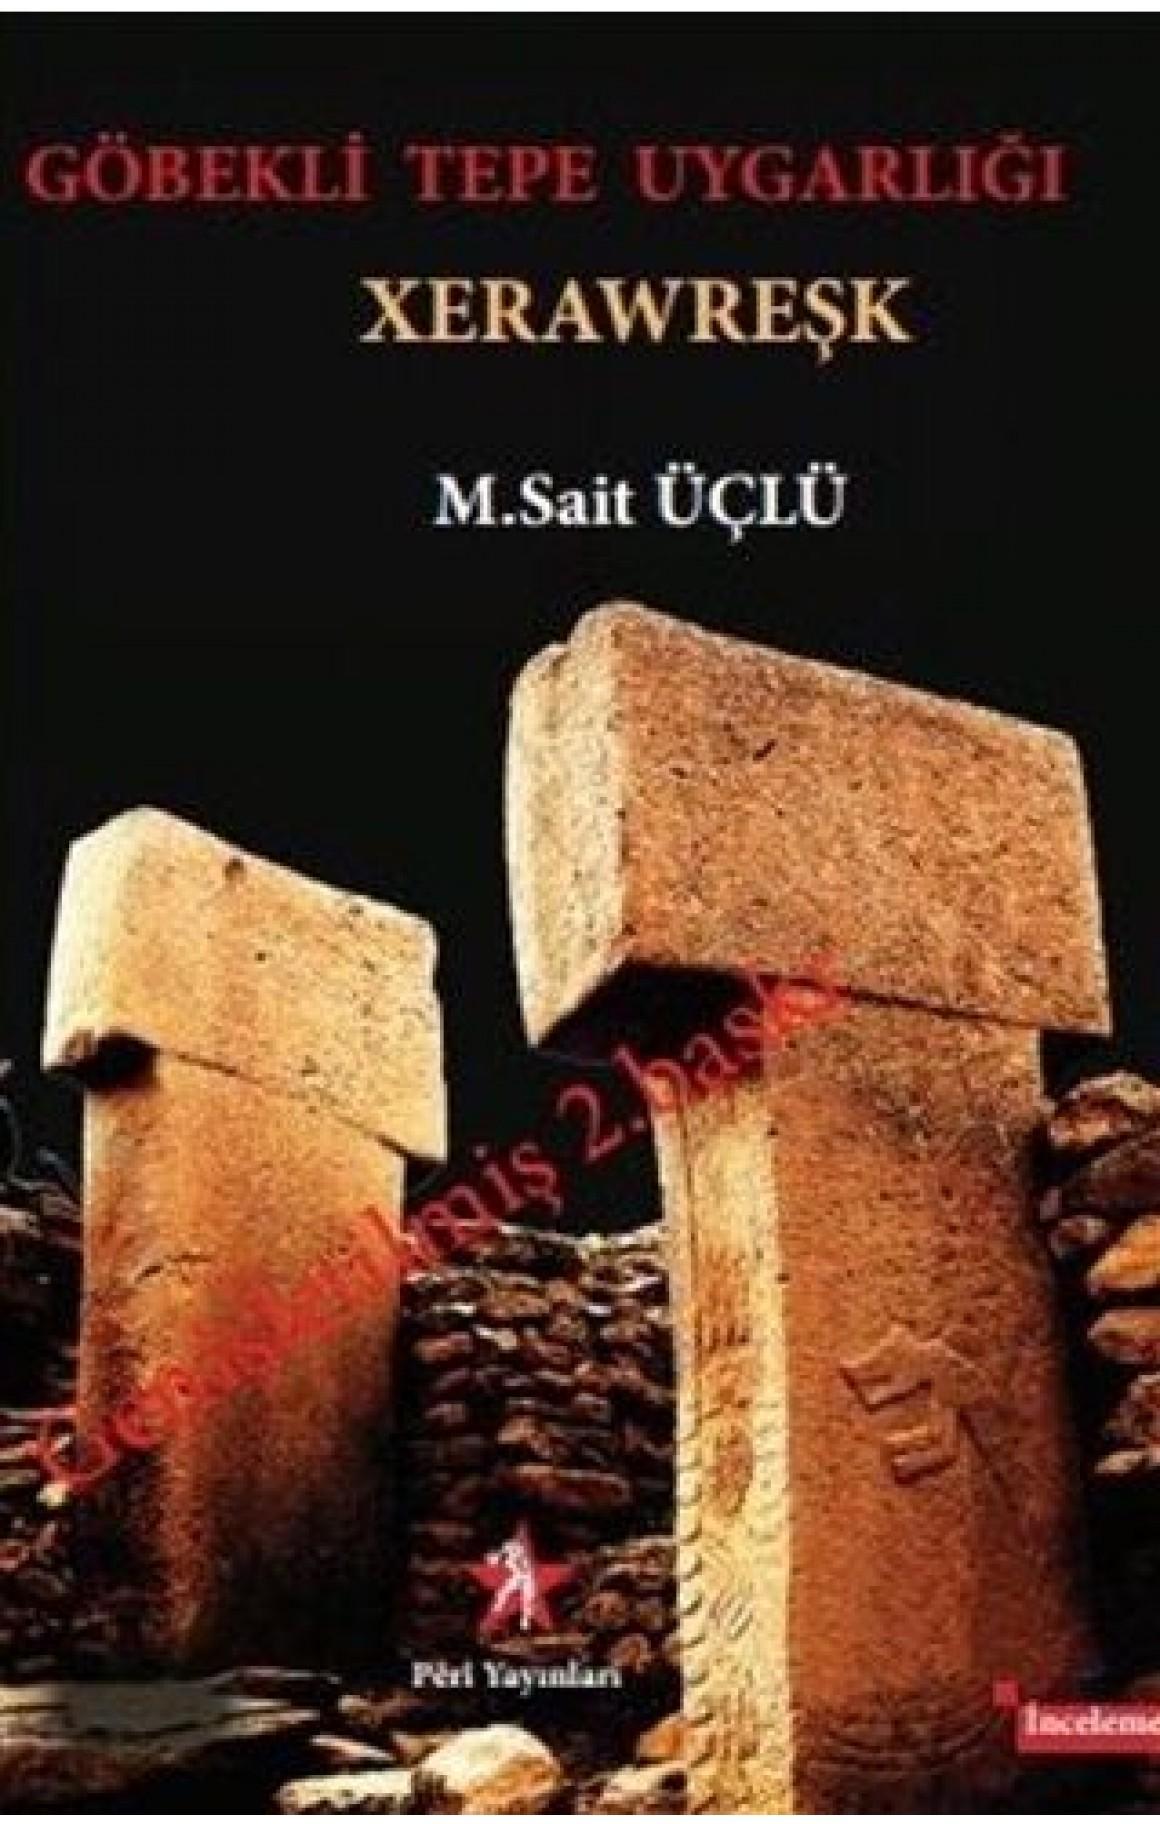 Göbekli Tepe Uygarlığı: Xerawreşk